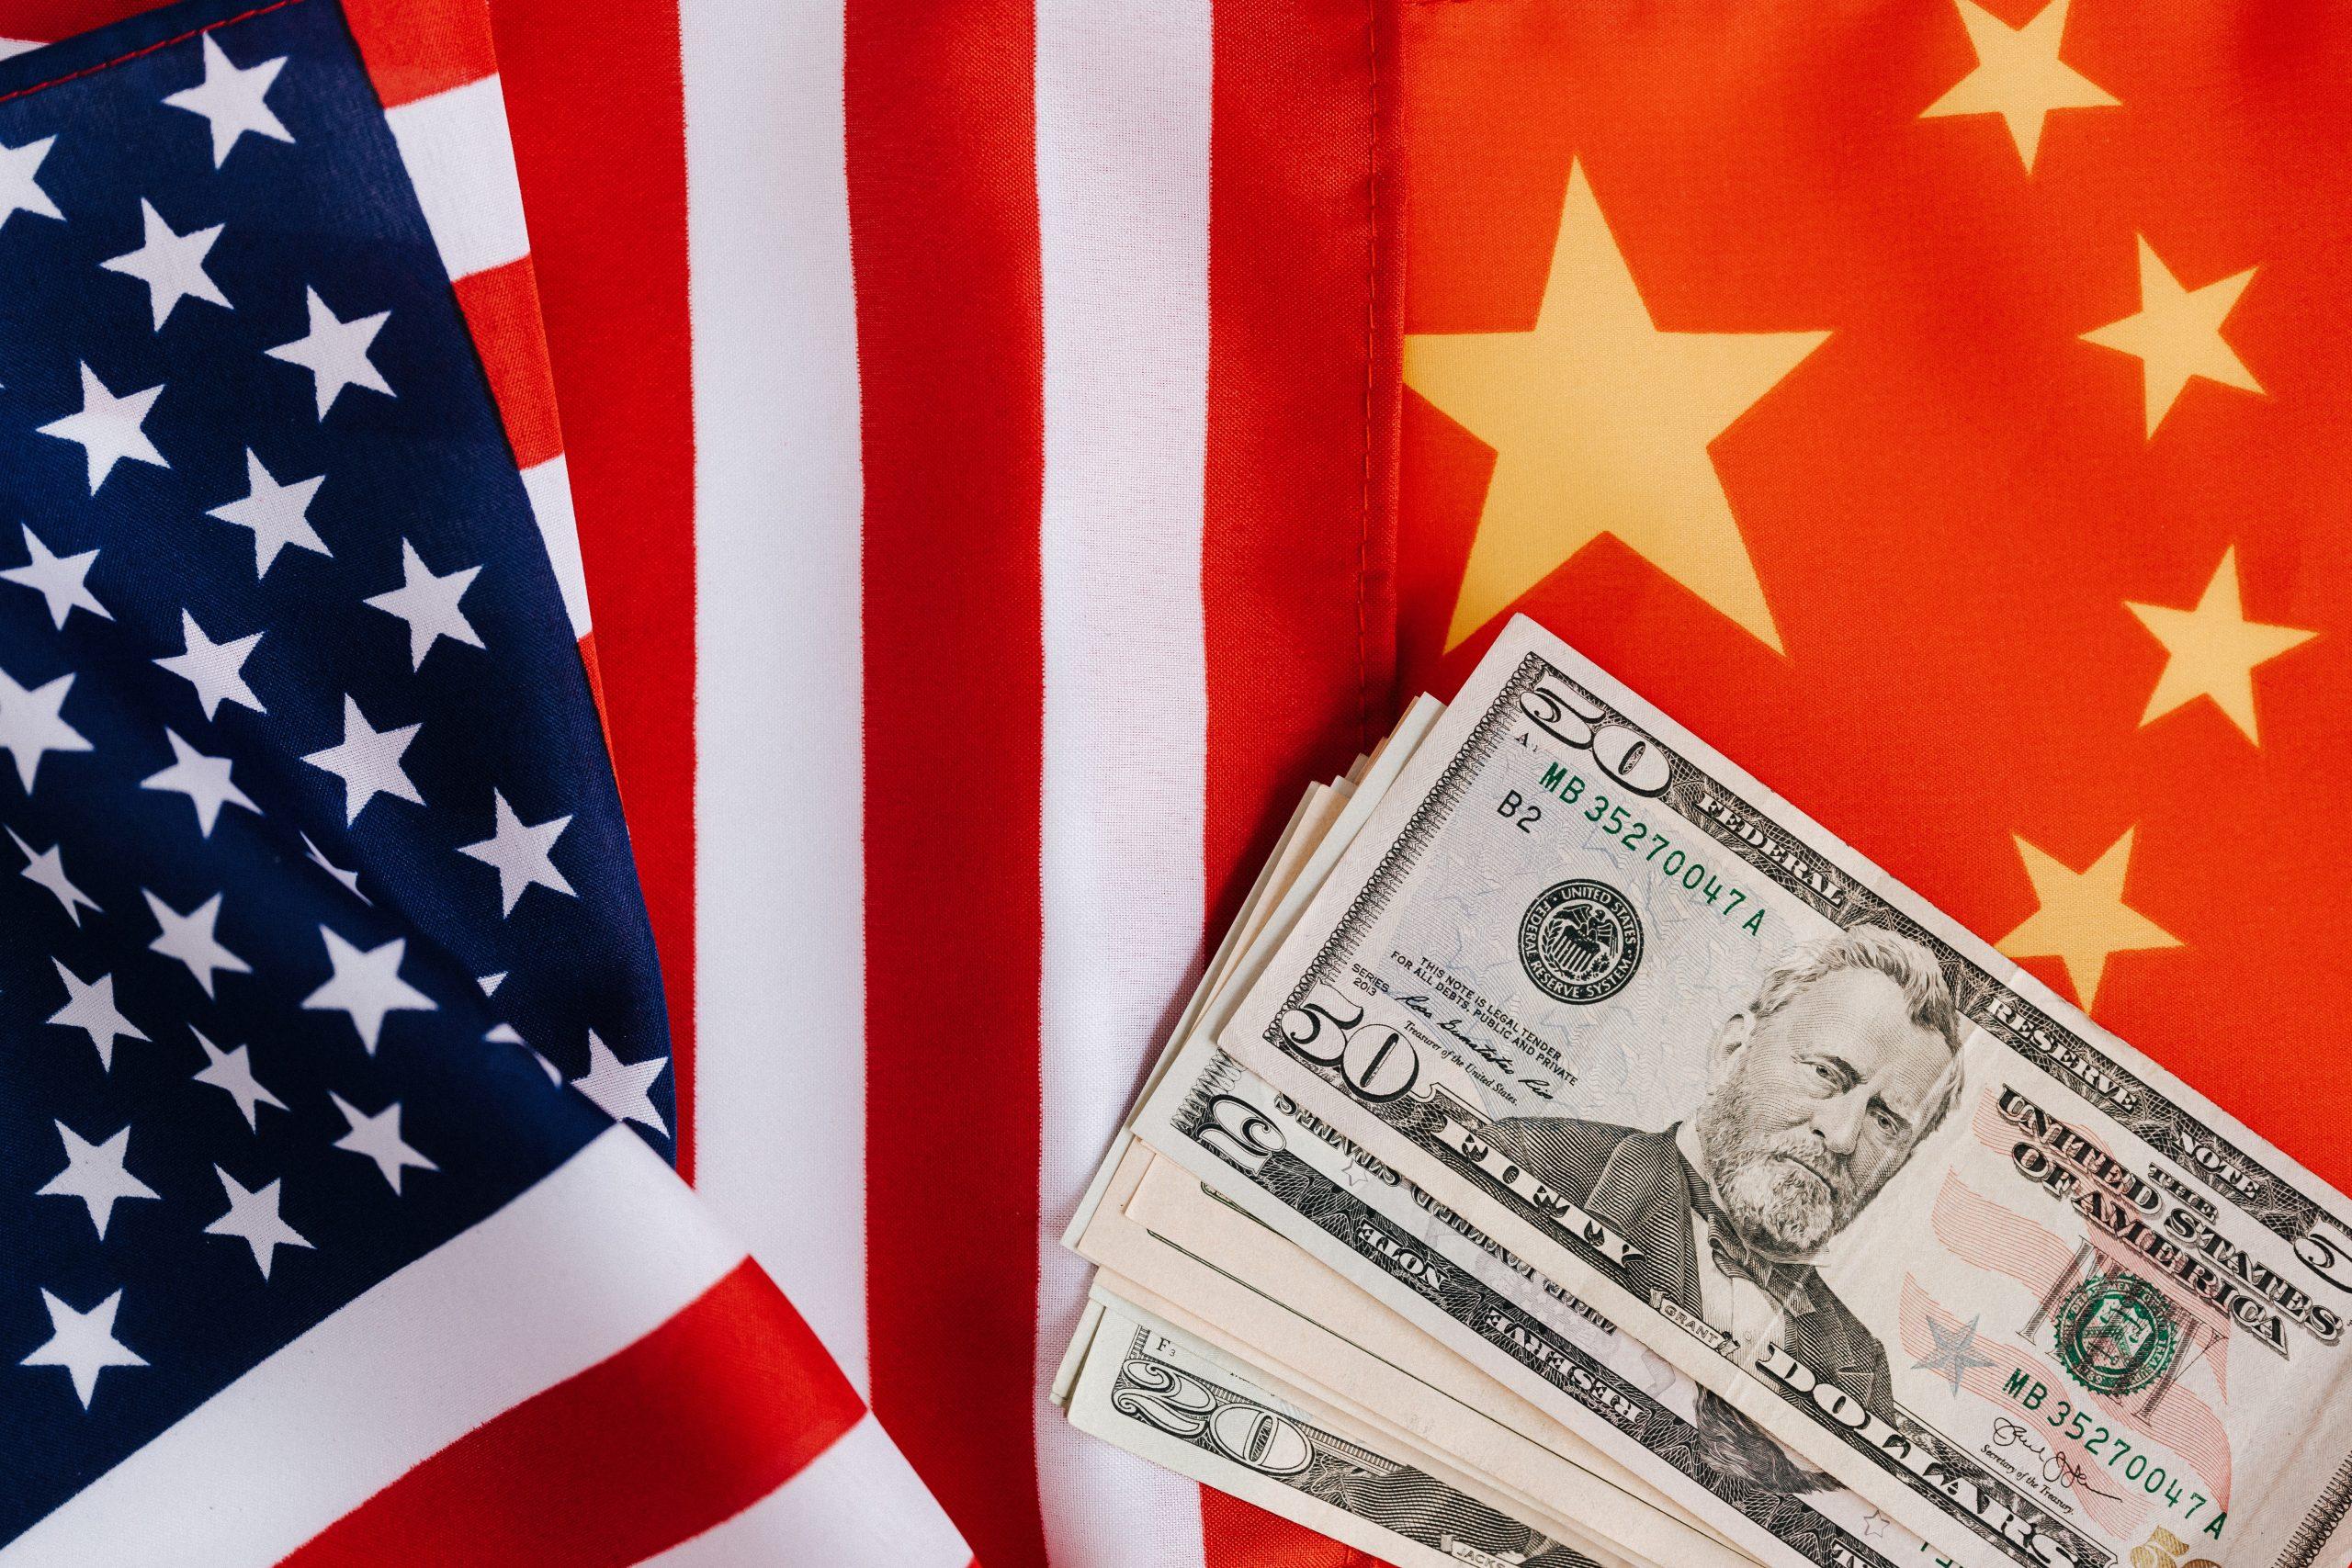 Les États-Unis et la Chine annoncent des progrès sur le commerce, même si d'autres tensions s'aggravent